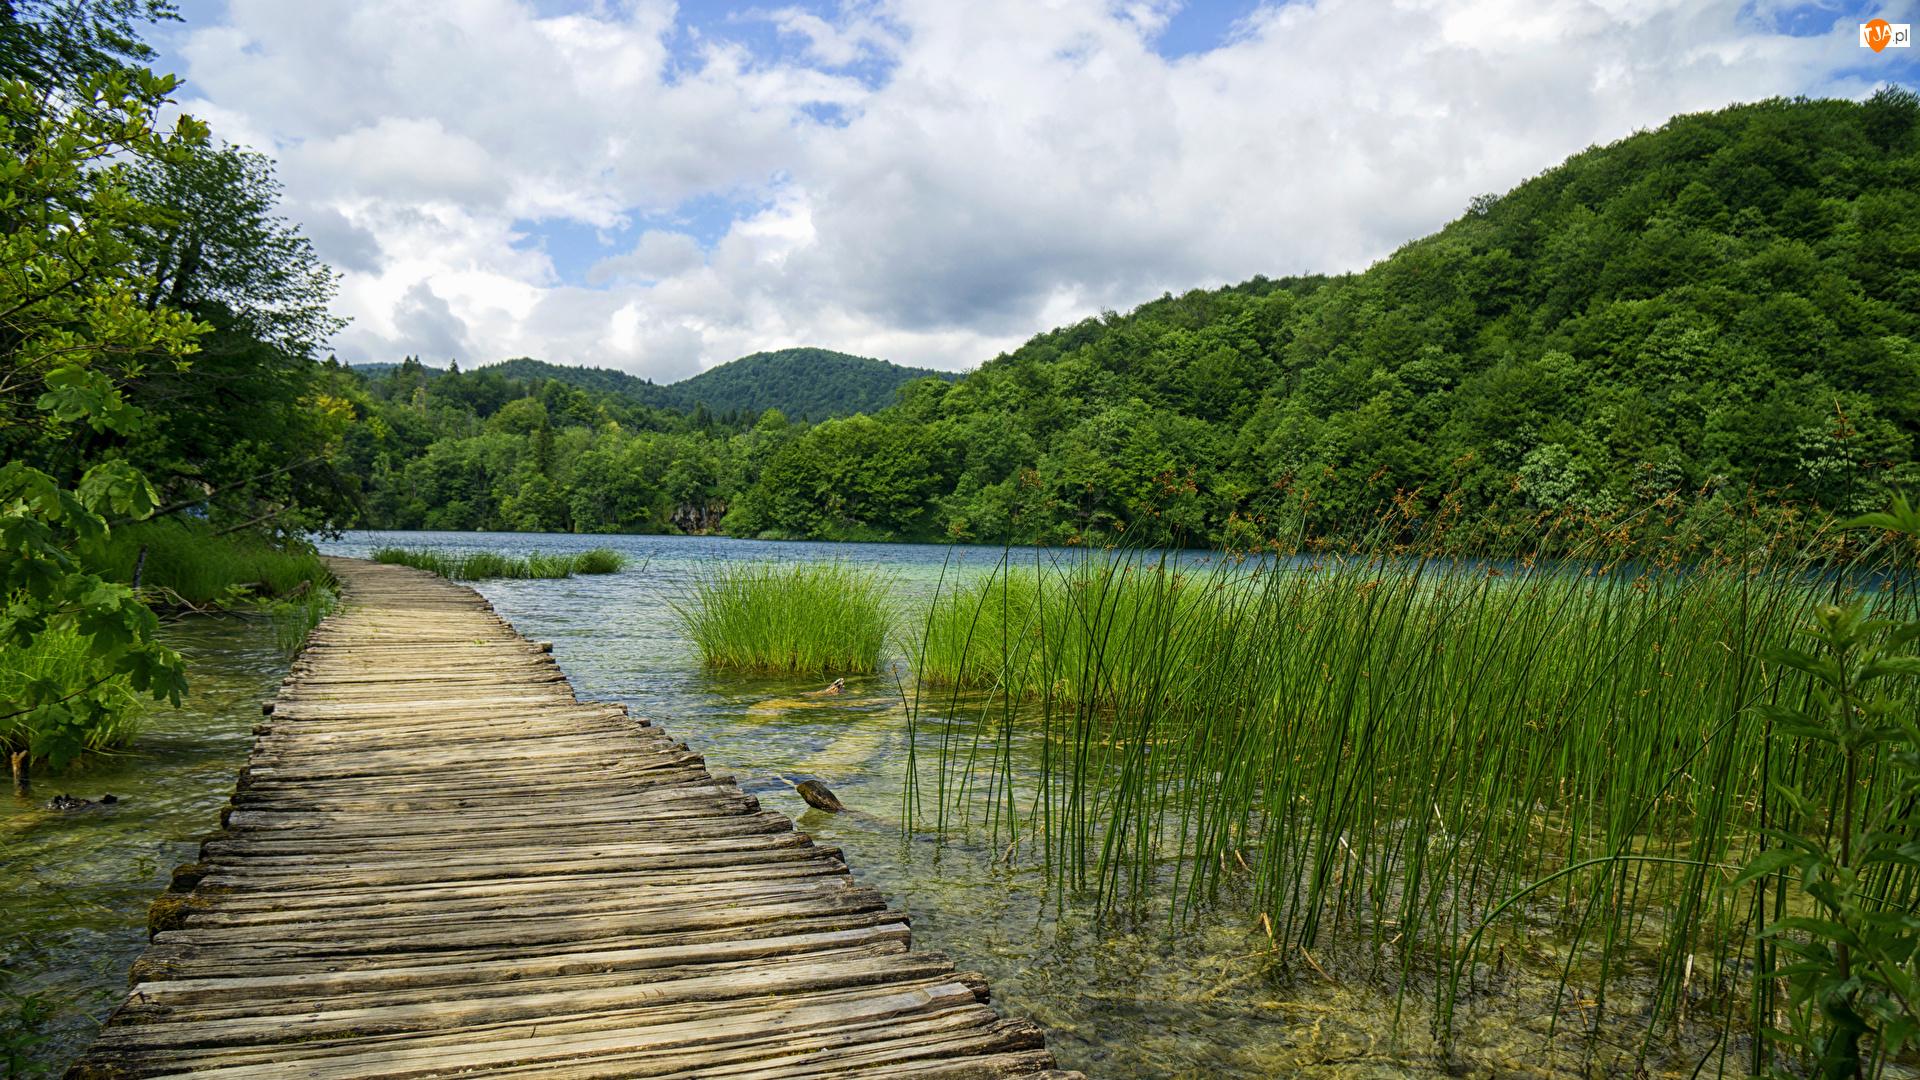 Pomost, Wzgórze, Trawa, Park Narodowy Jezior Plitwickich, Lasy, Jezioro, Chorwacja, Drzewa